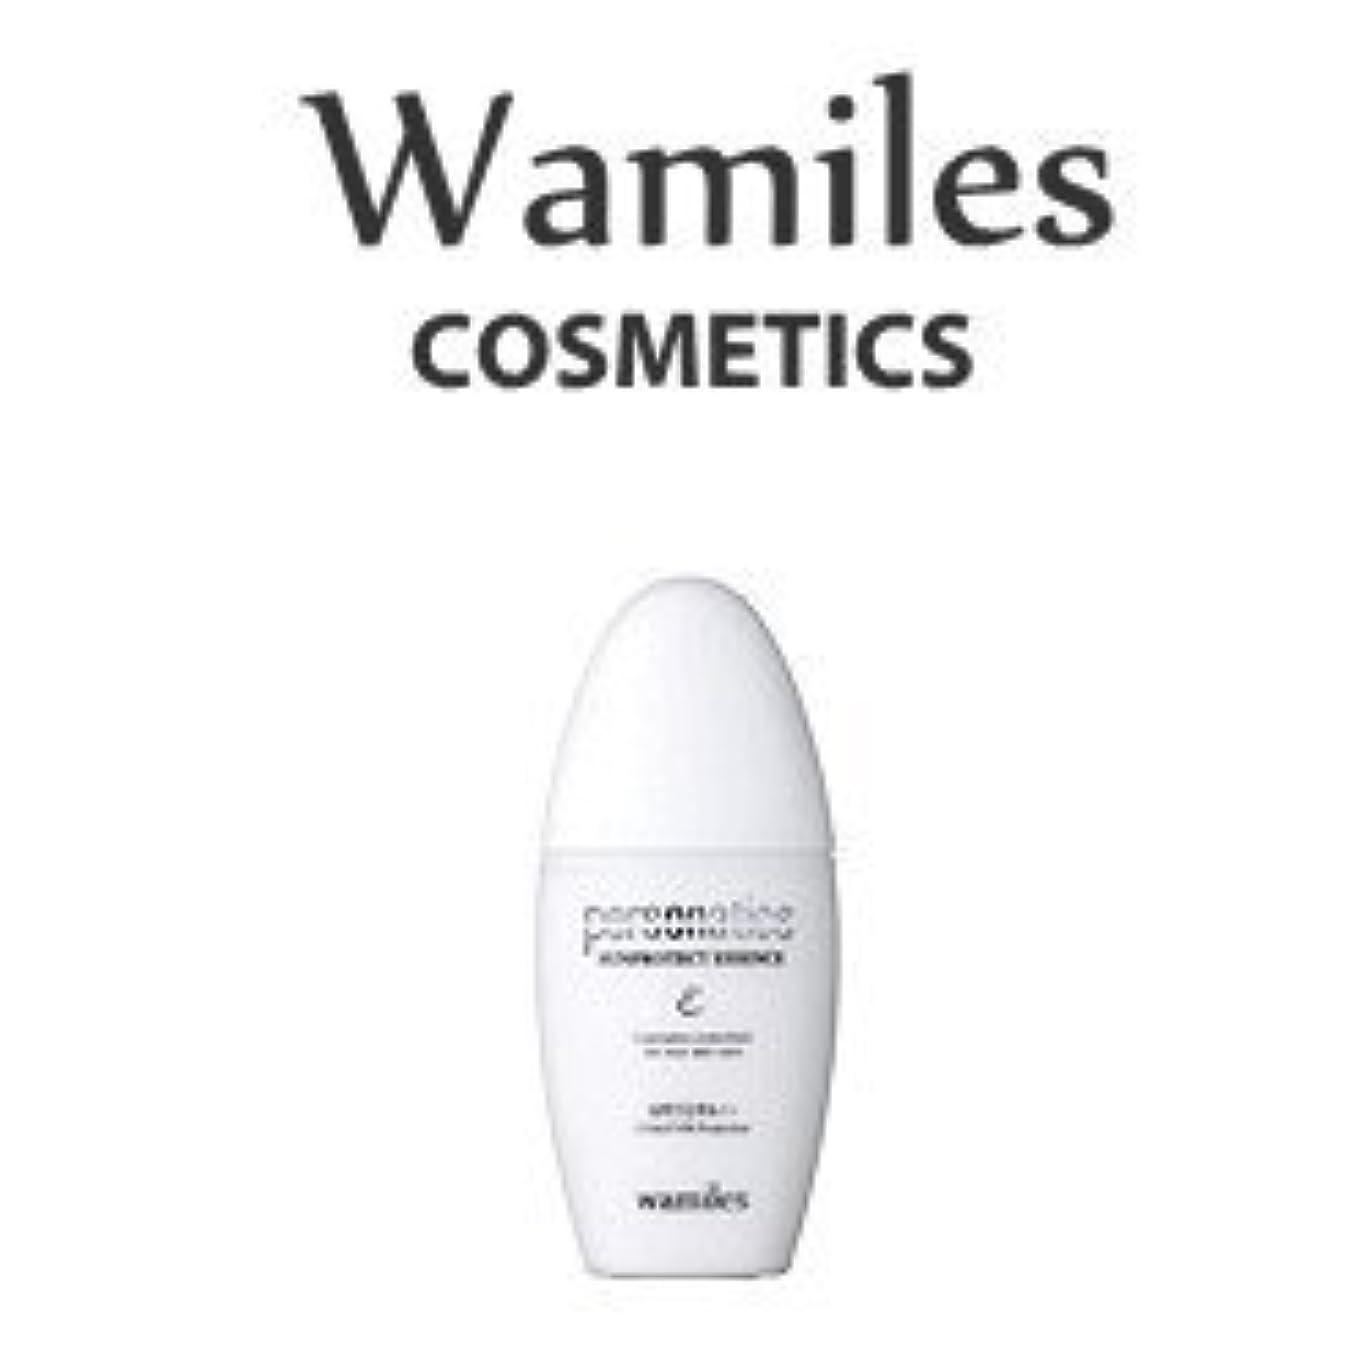 ヘルパー失礼支配するwamiles/ワミレス サンプロテクトエッセンス 30ml 美容 化粧水